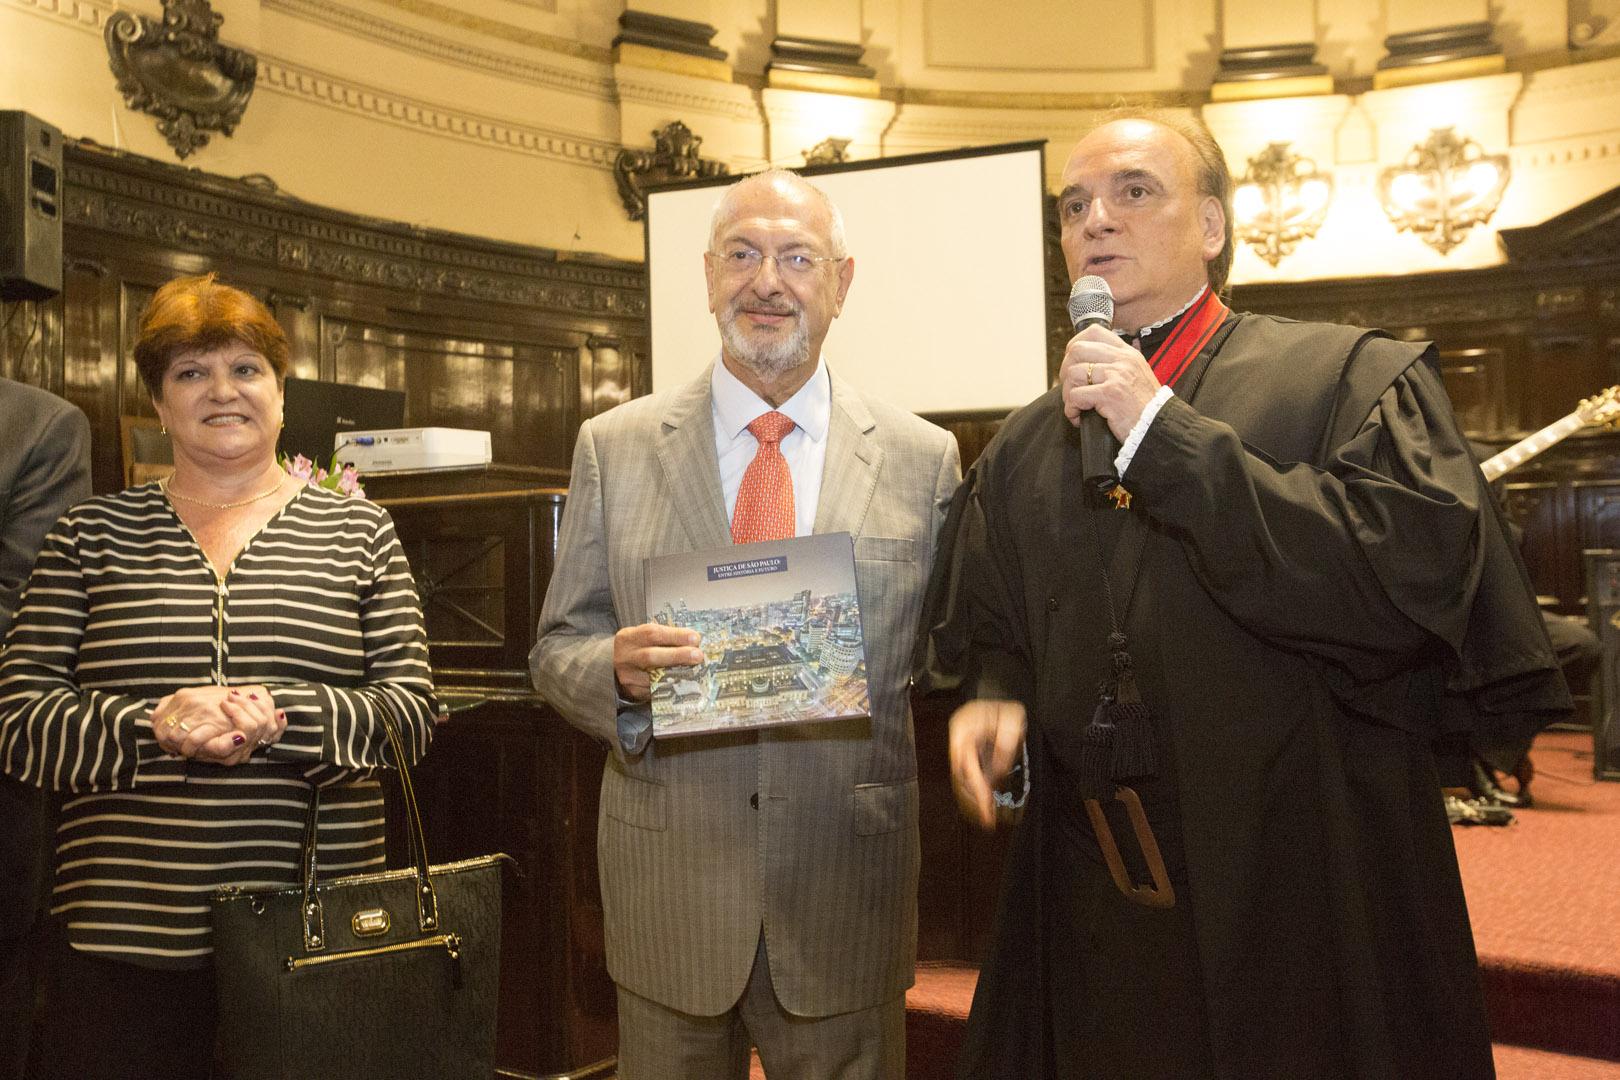 Evento no TJSP marca lançamento de livro e foto oficial do biênio 2016-2017